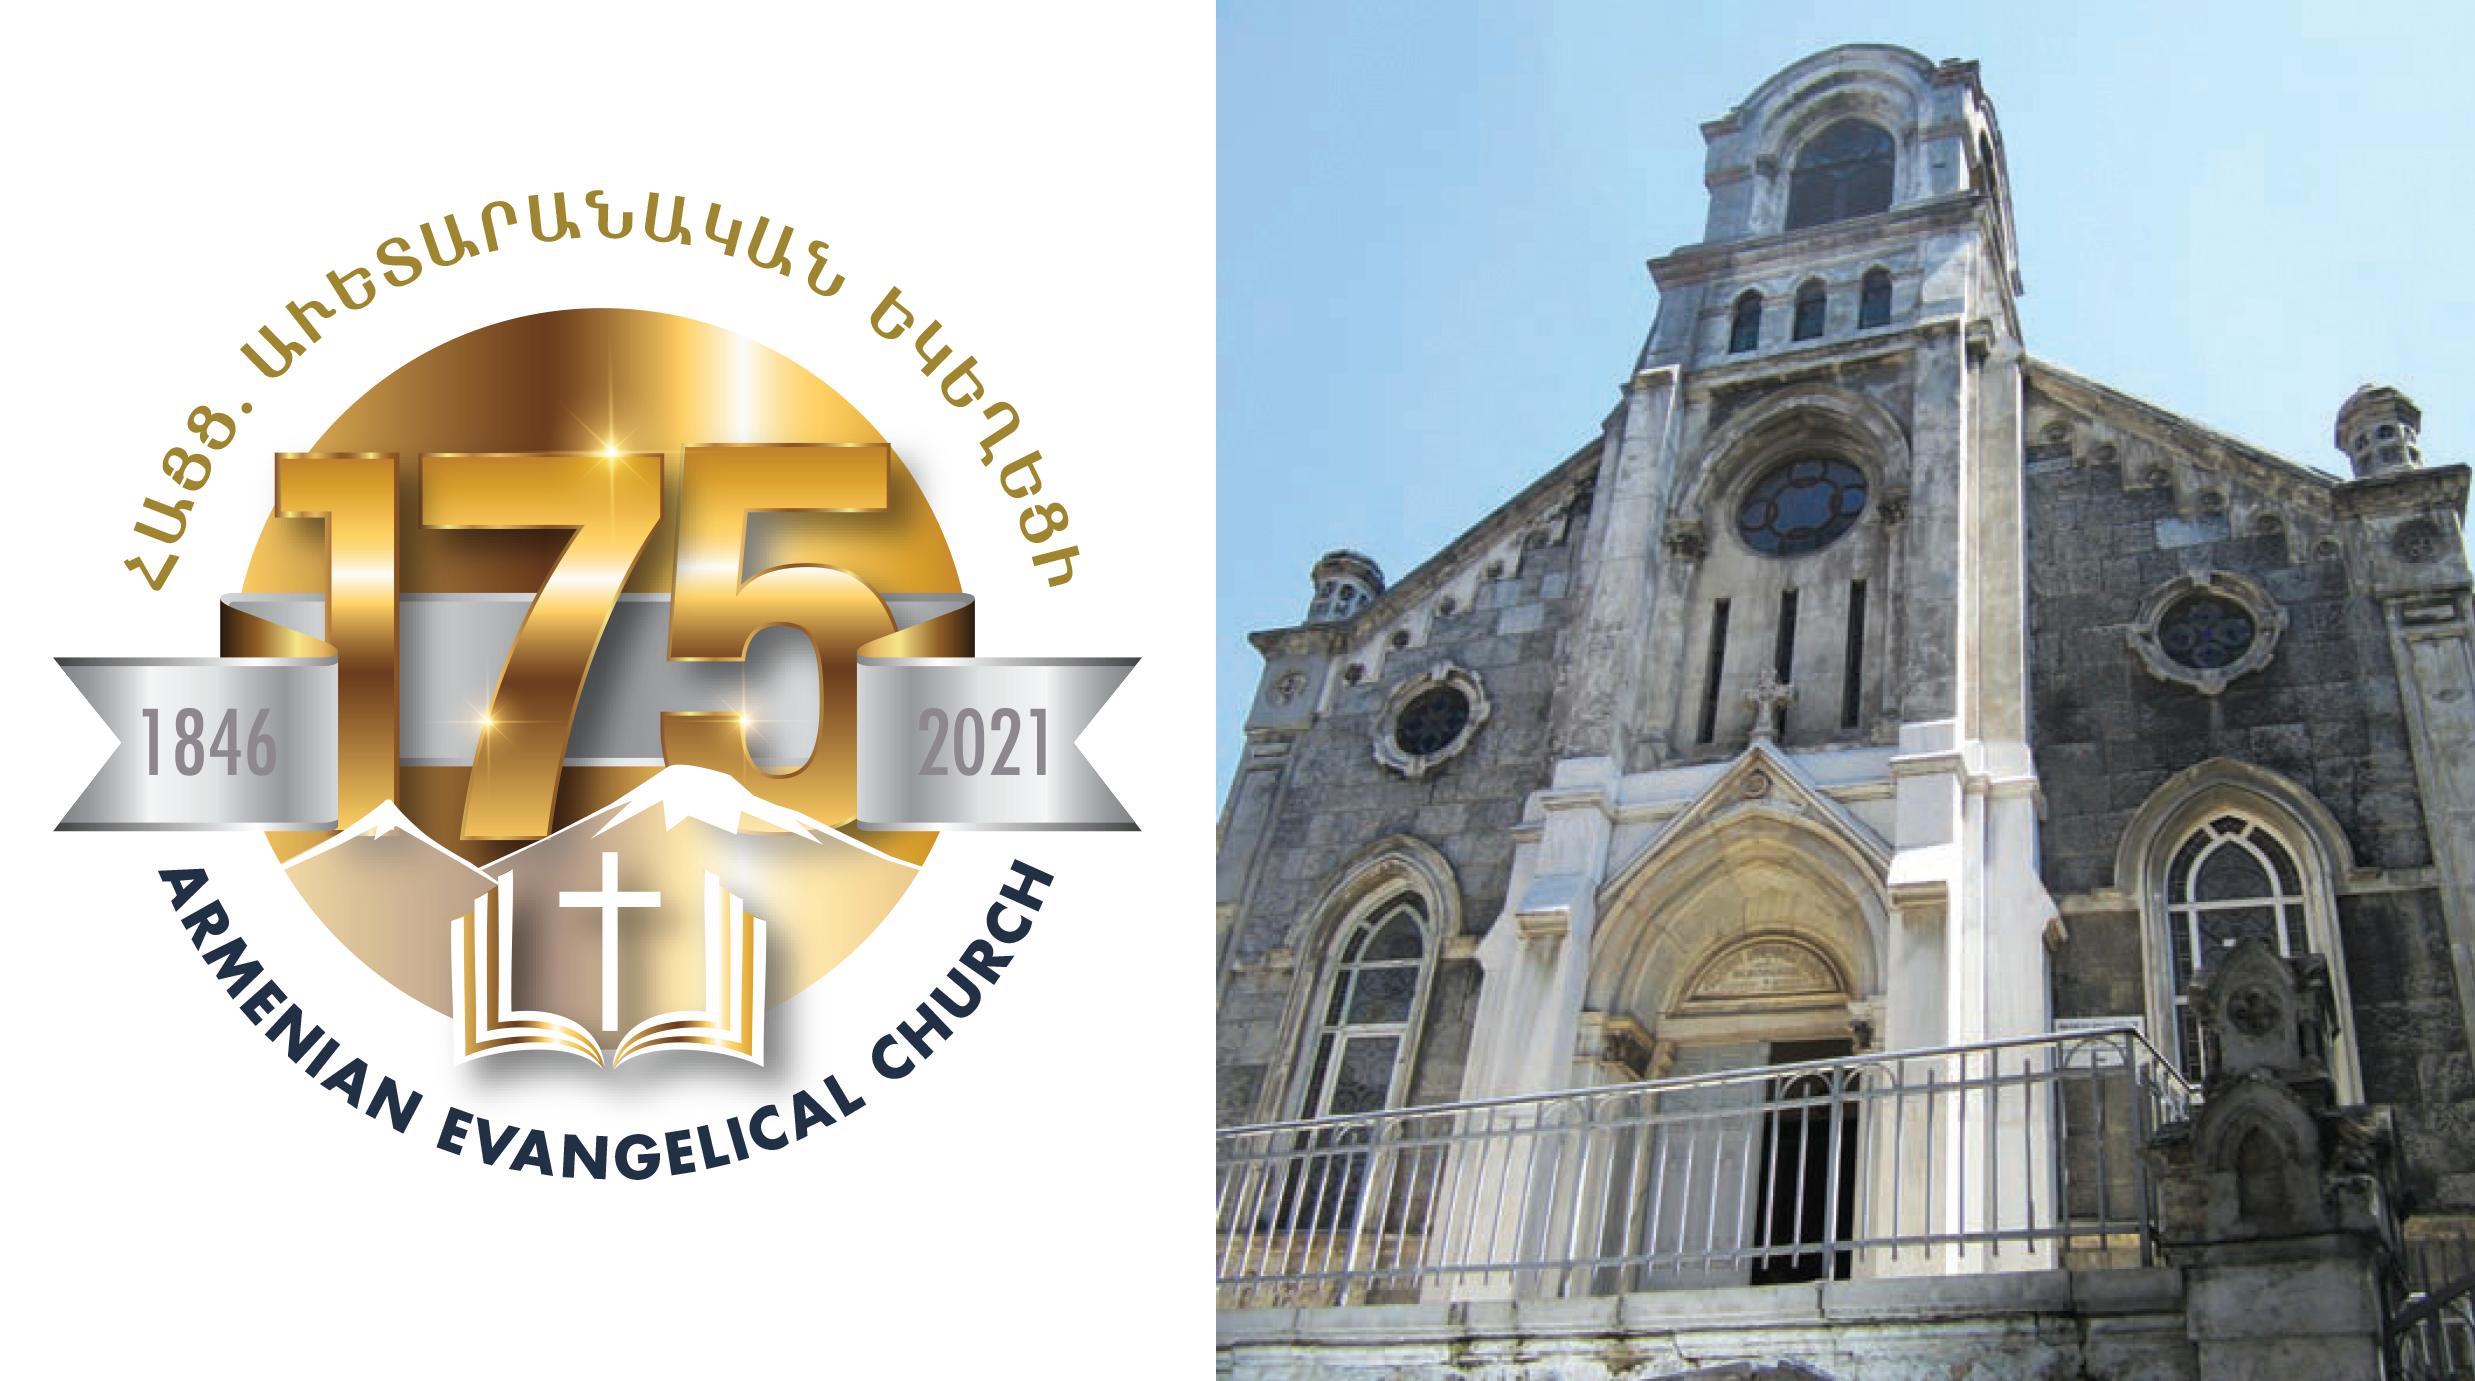 Happy Birthday Armenian Evangelical Church